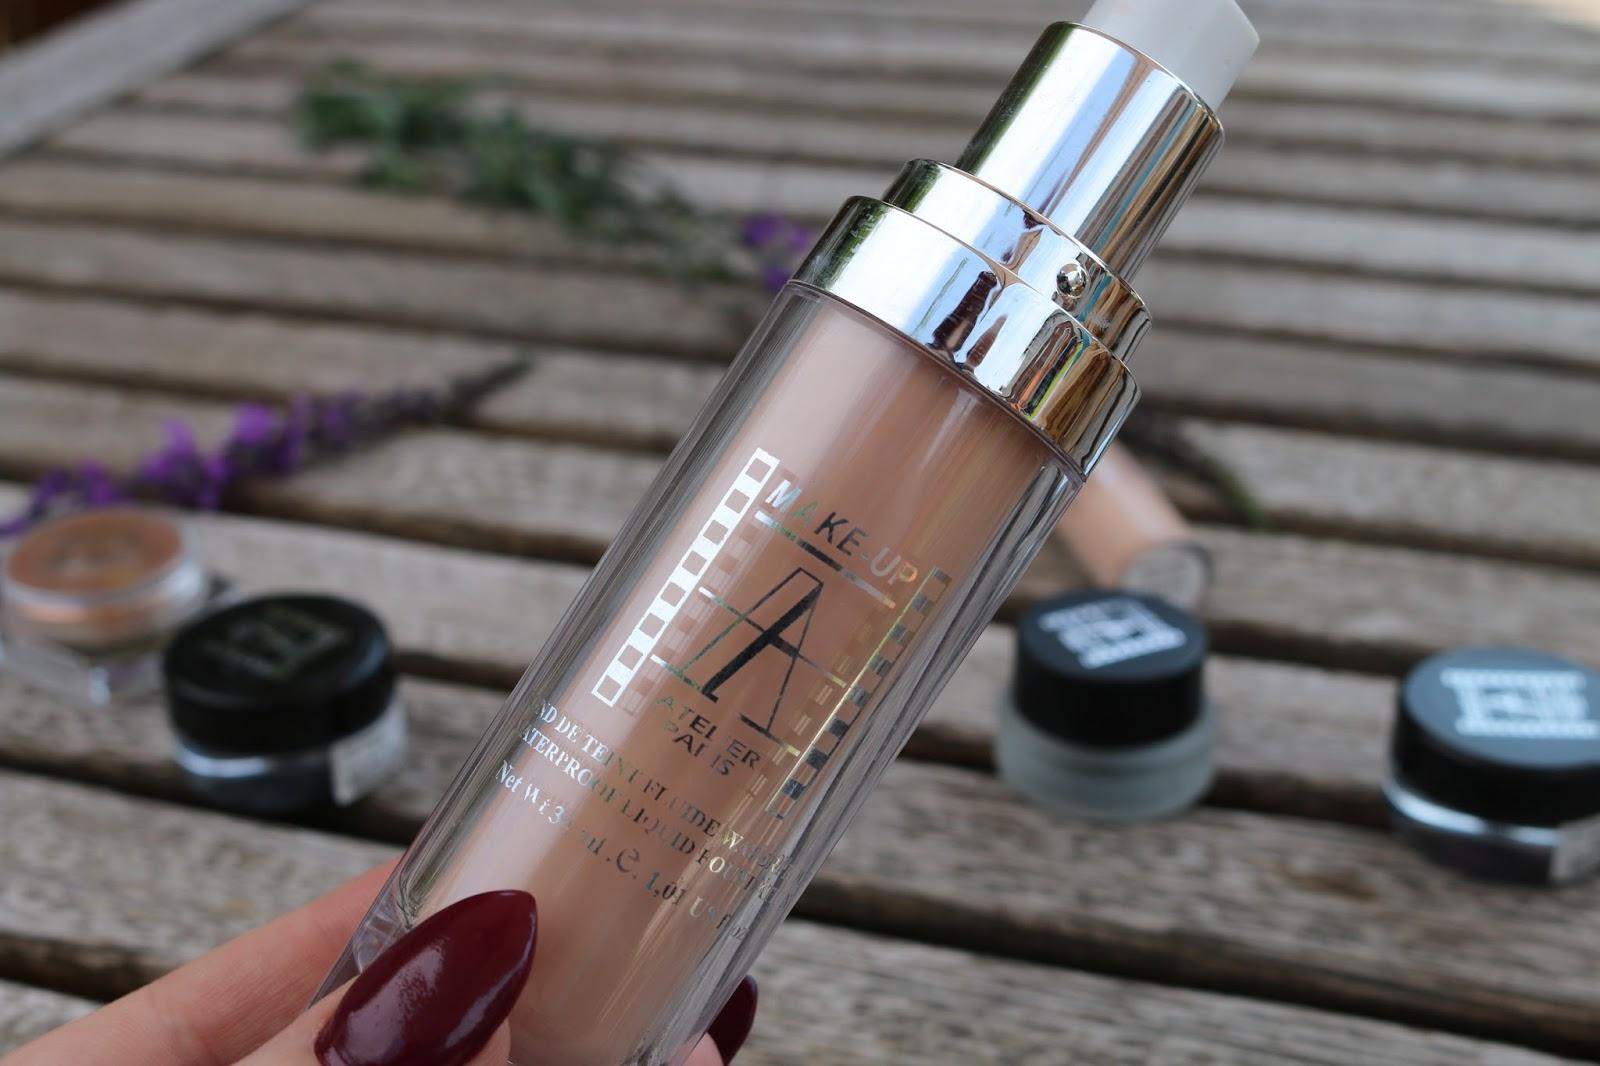 Makeup Atelier Paris Foundation